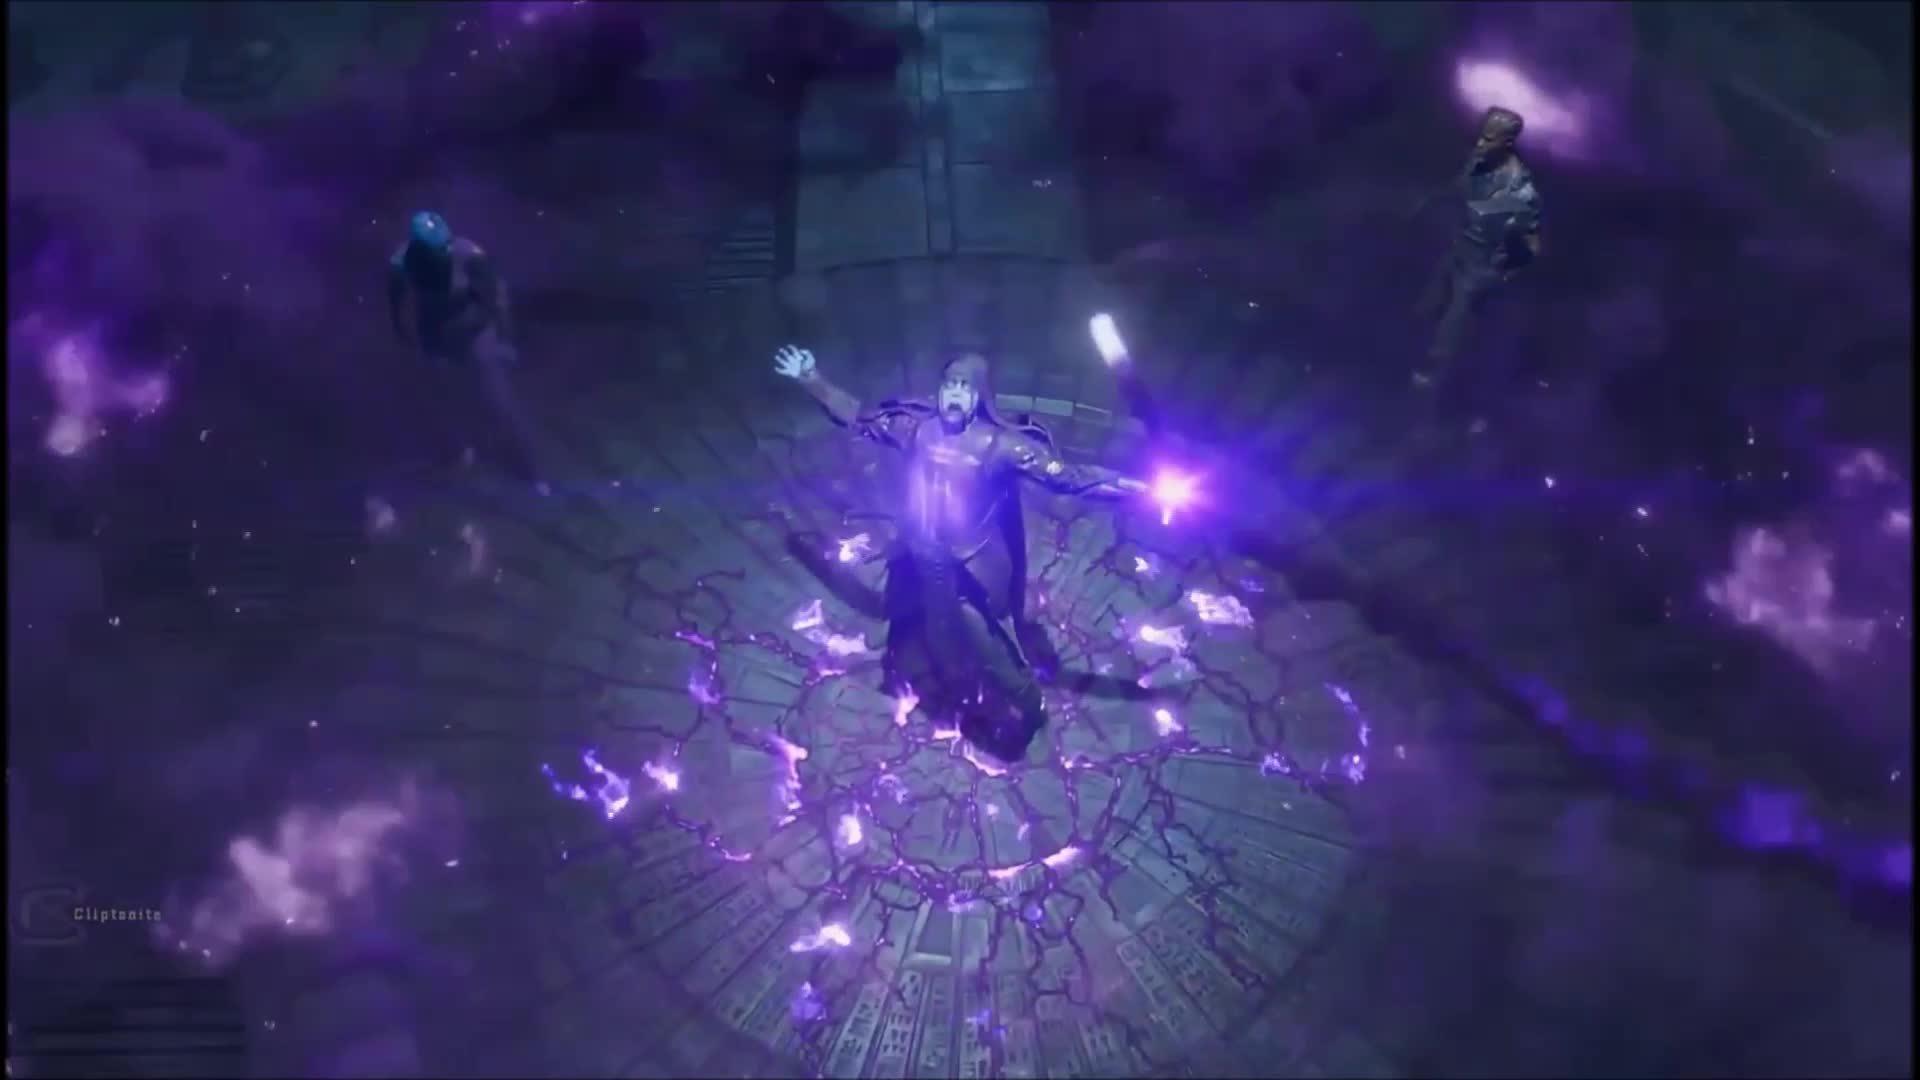 Ronan mang đá Sức mạnh Guardians of the Galaxy